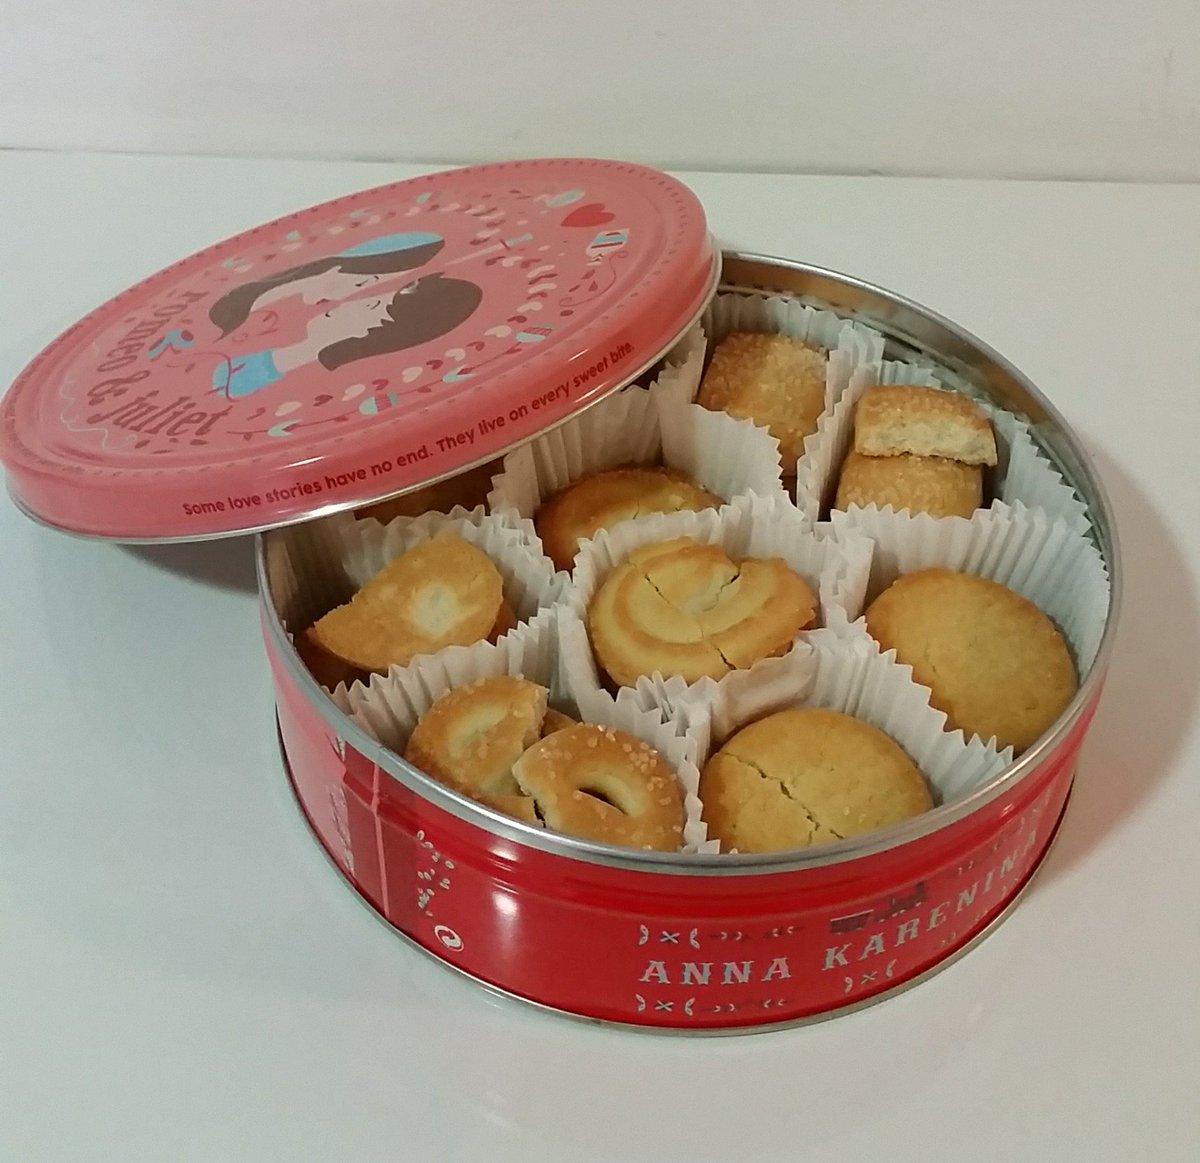 הרגע המבאס הזה שבא לך על כלי תפירה ובמקום זה יש בקופסא עוגיות https://t.co/GwamW6I6LN